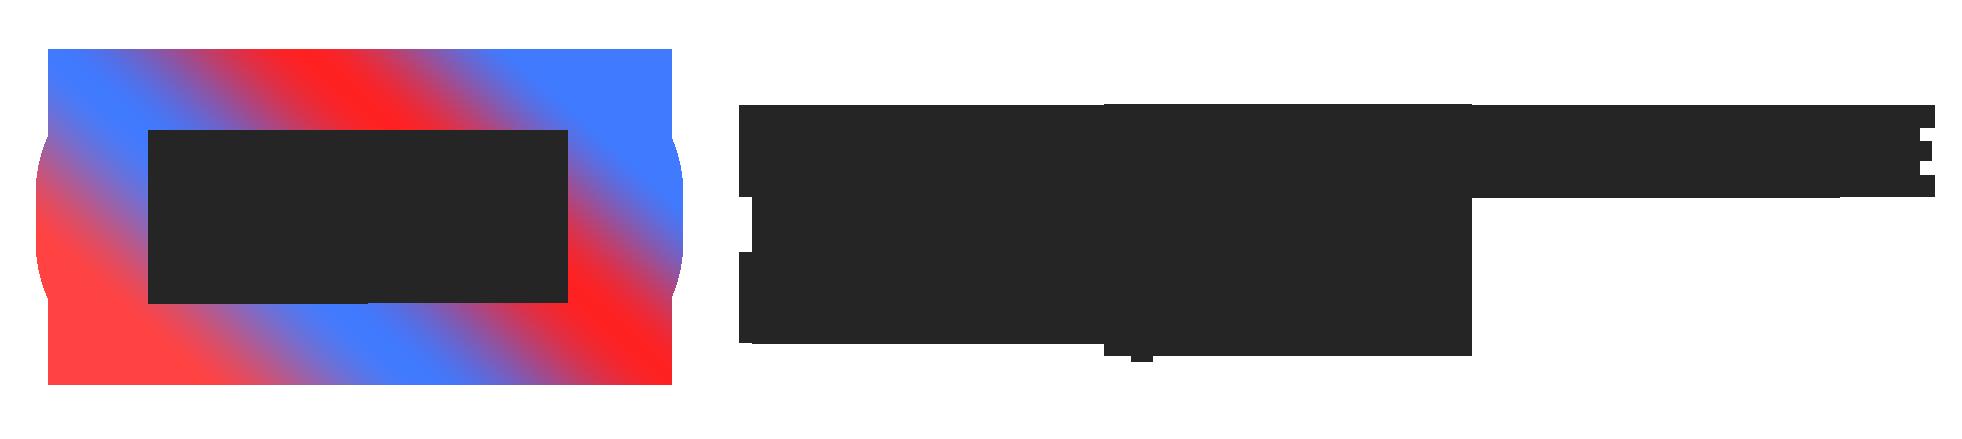 ООО Геопромысловые новации